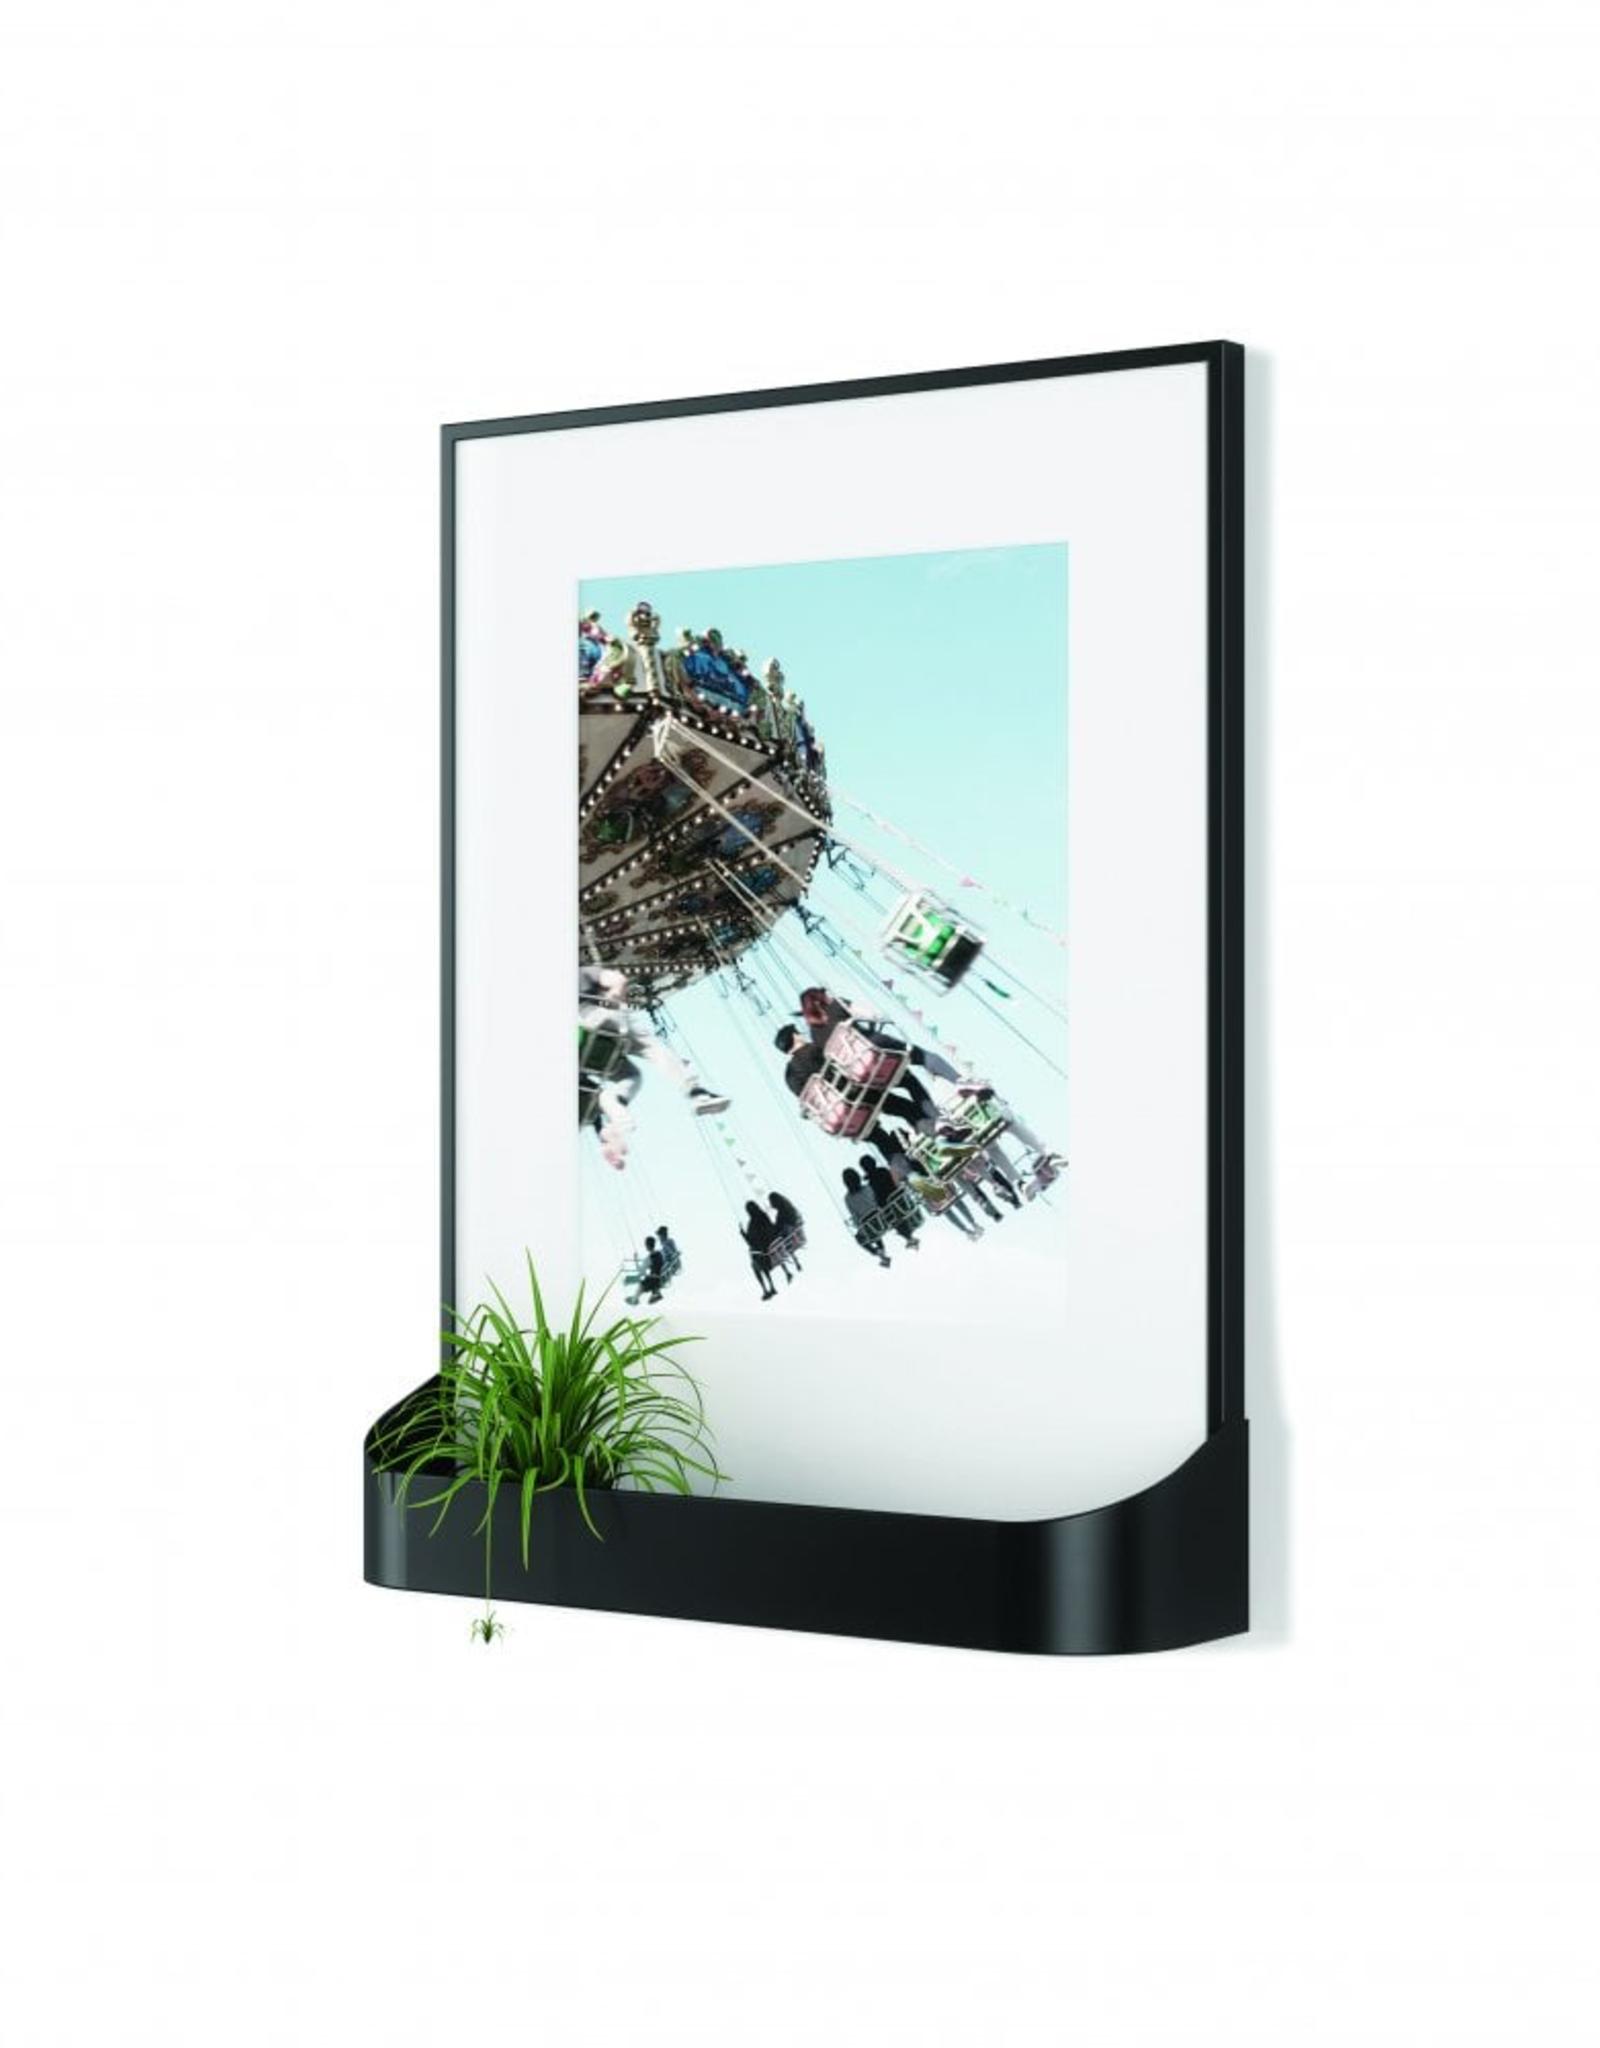 Umbra Umbra Matinee Frame-Black 8x10